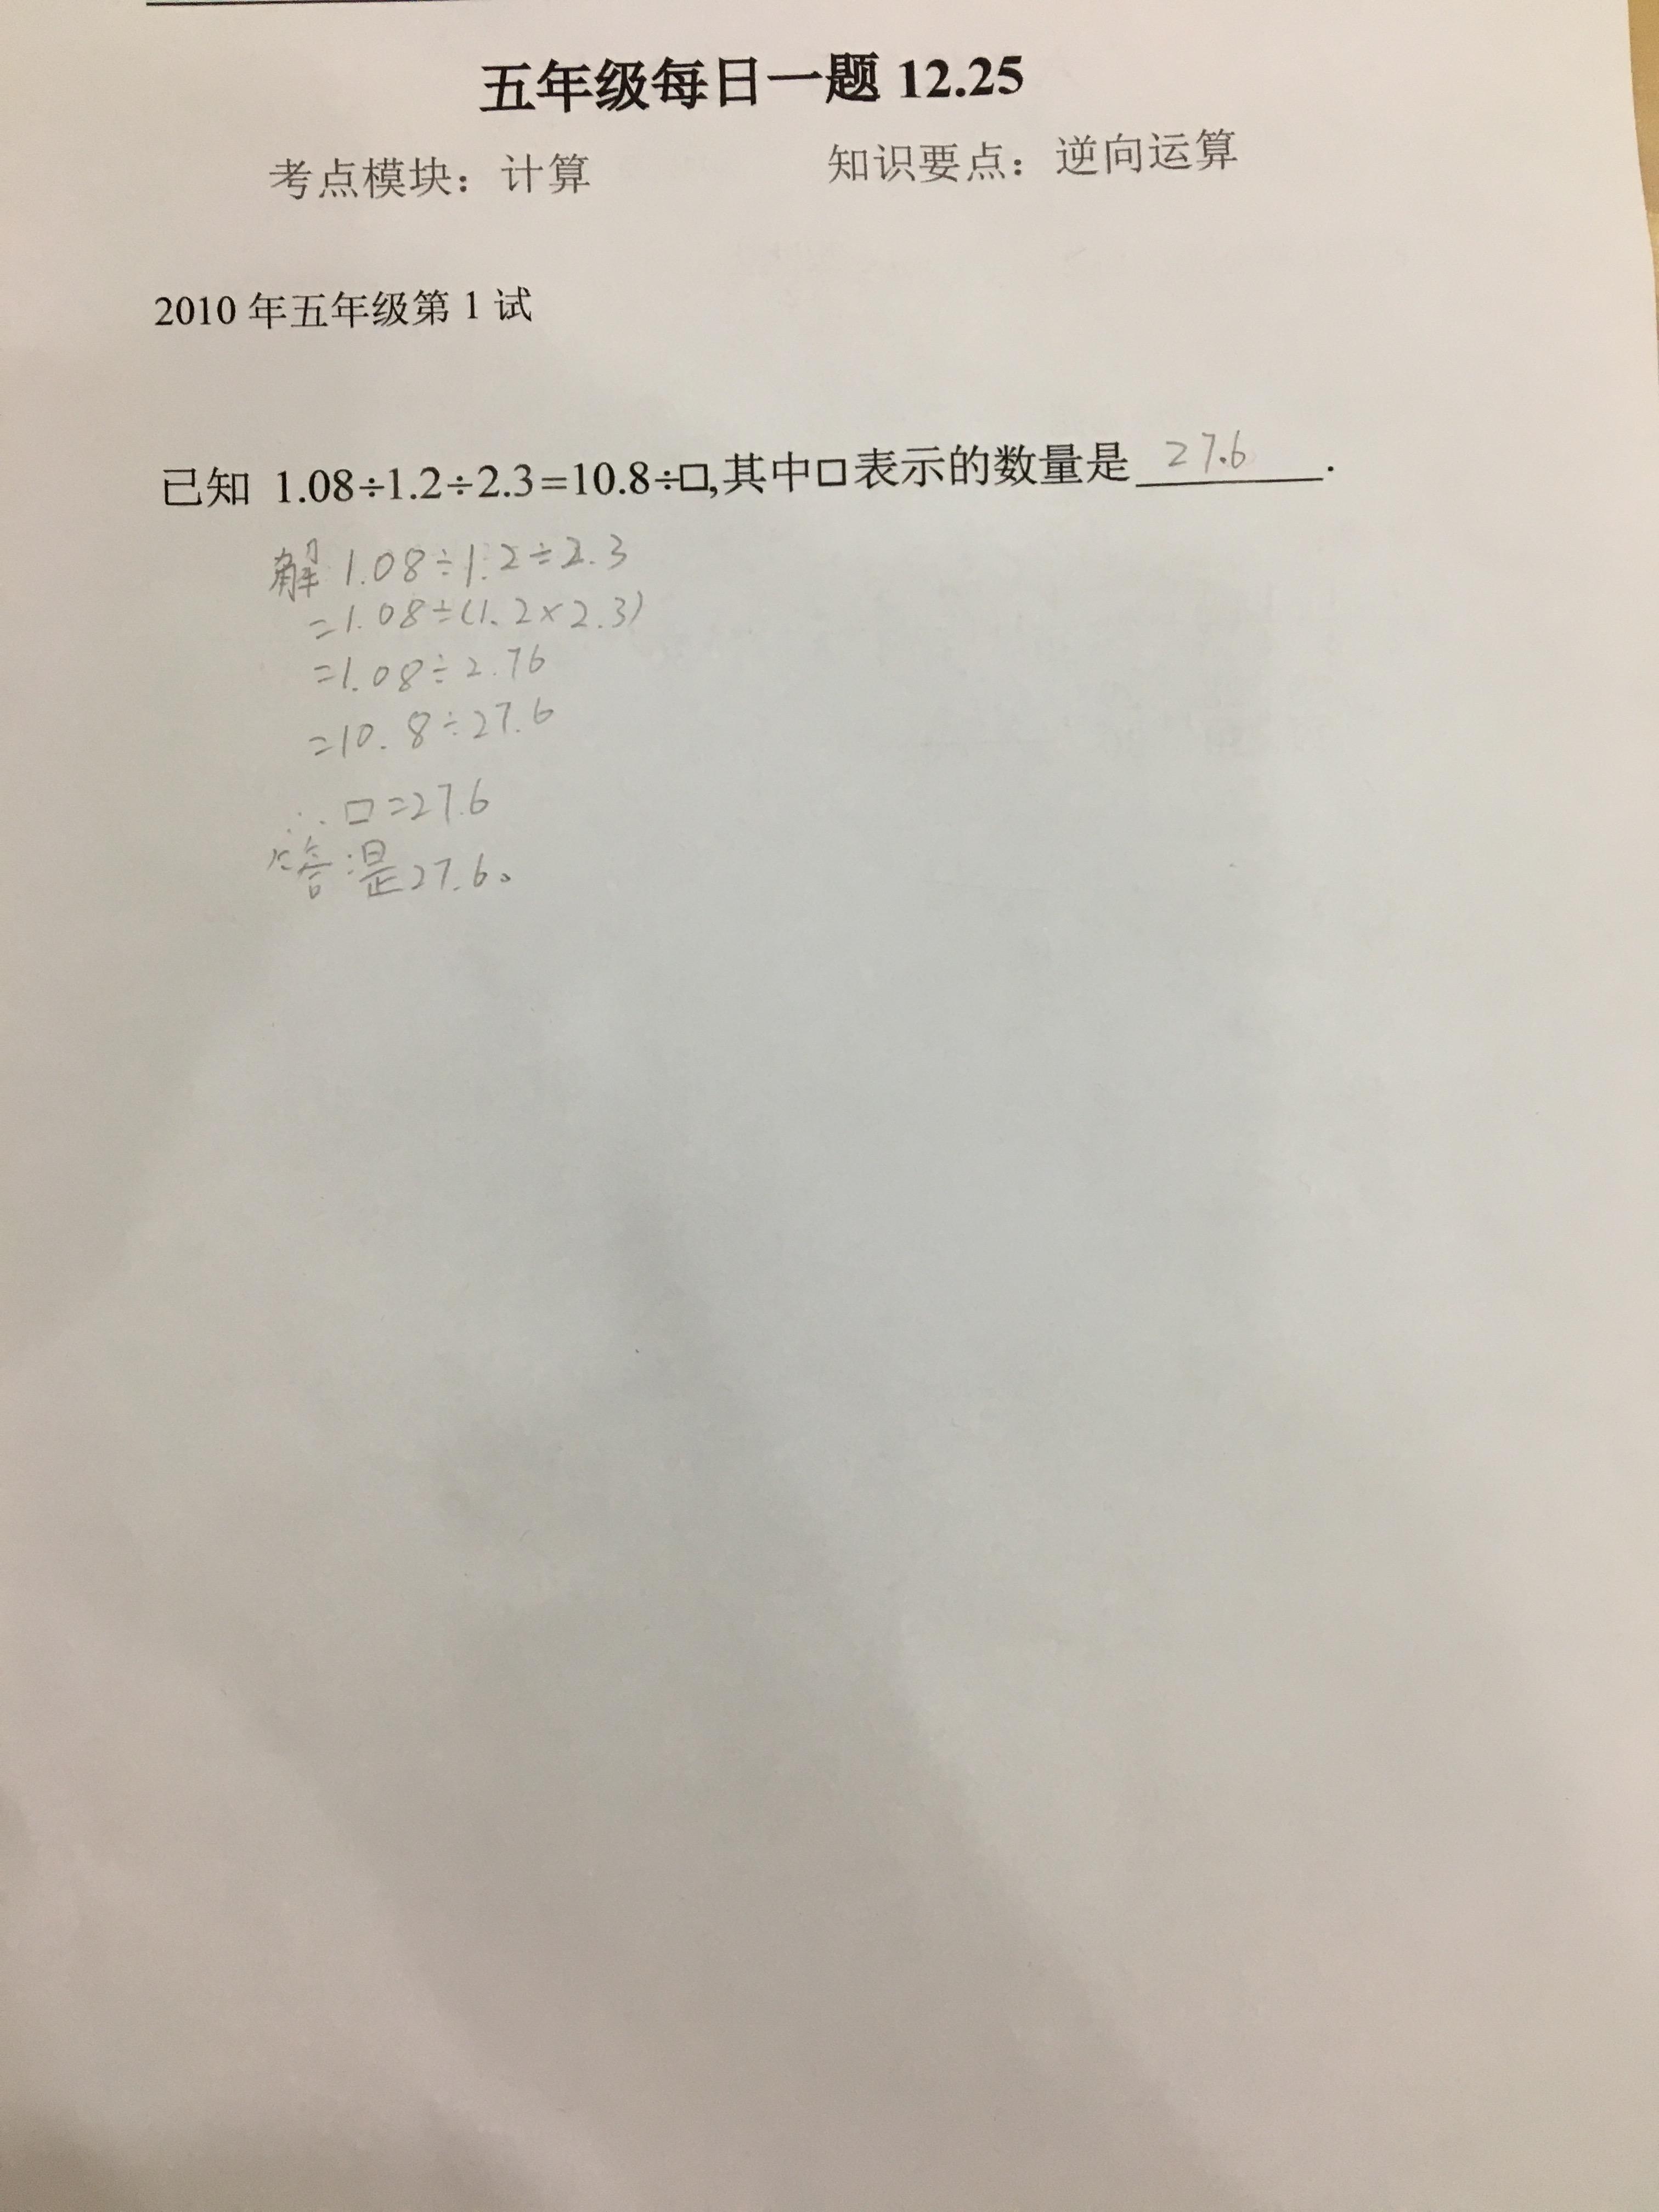 8A68A60B-1AF0-4EBD-B6A2-3F4501AFD643.jpg